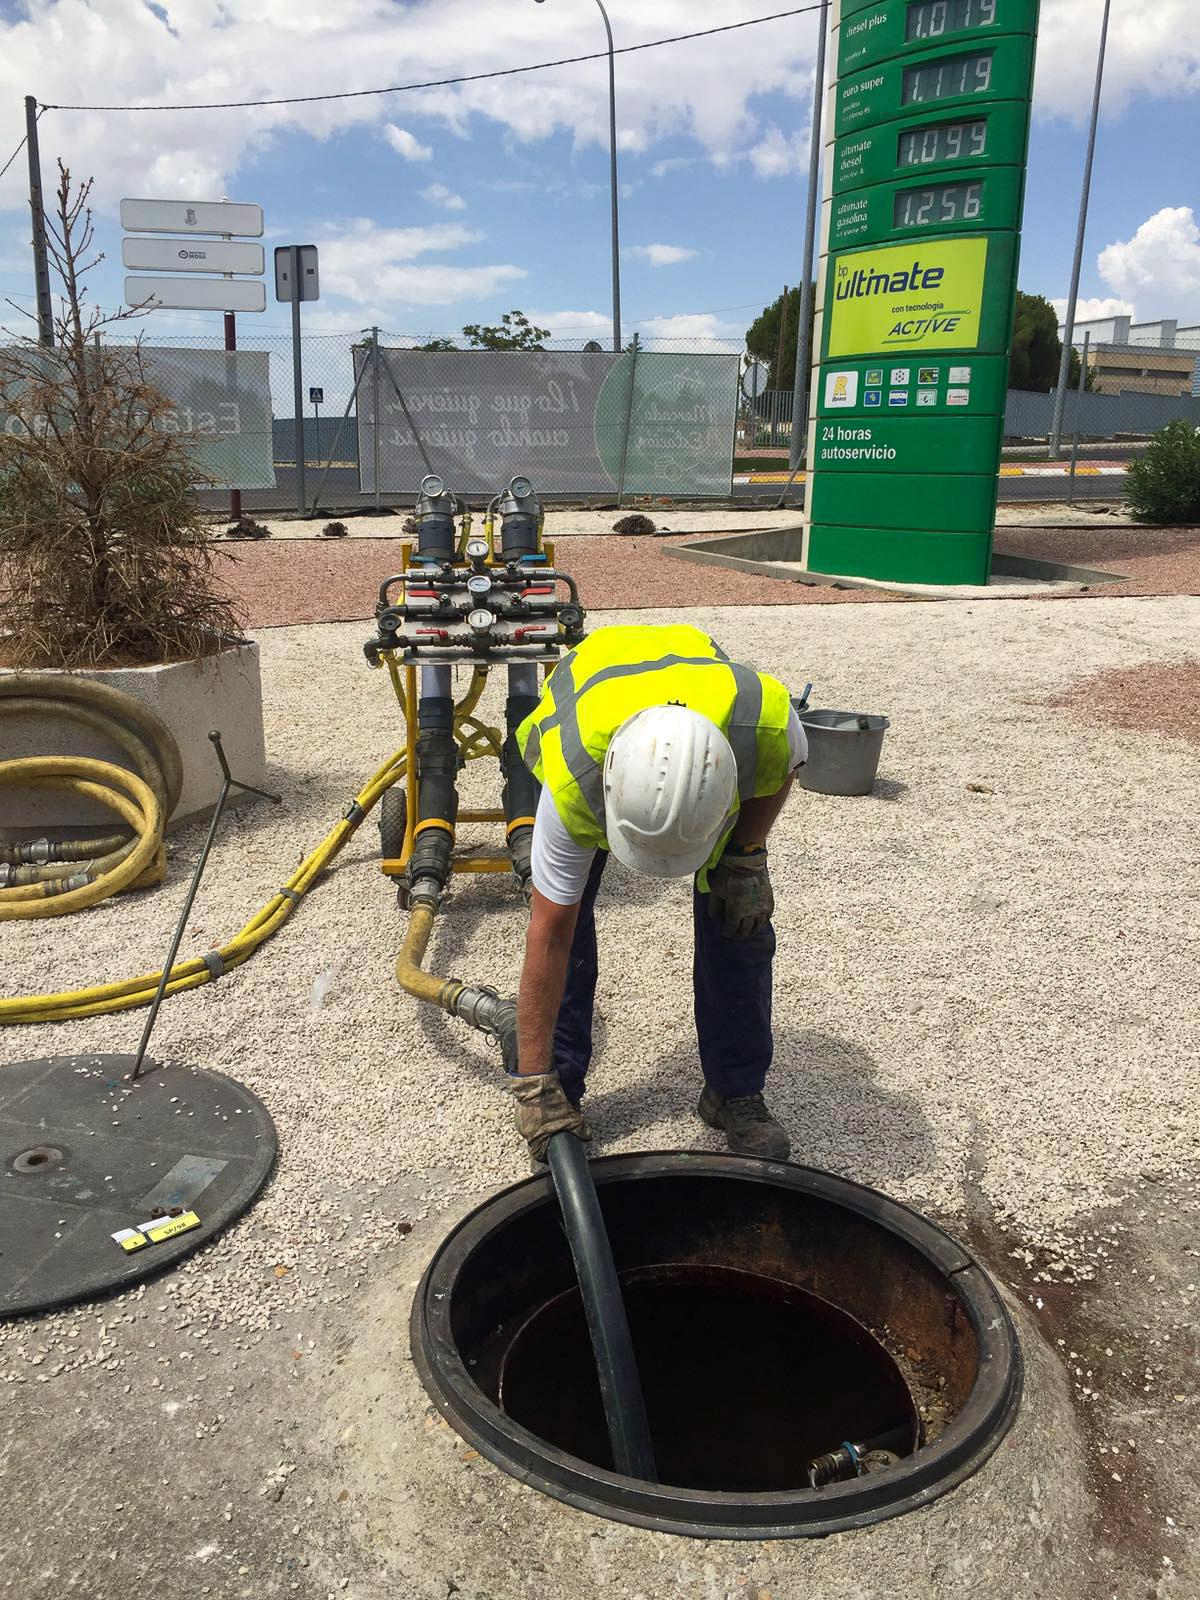 Hardfoam Tank filling BP petrolstation in Spain